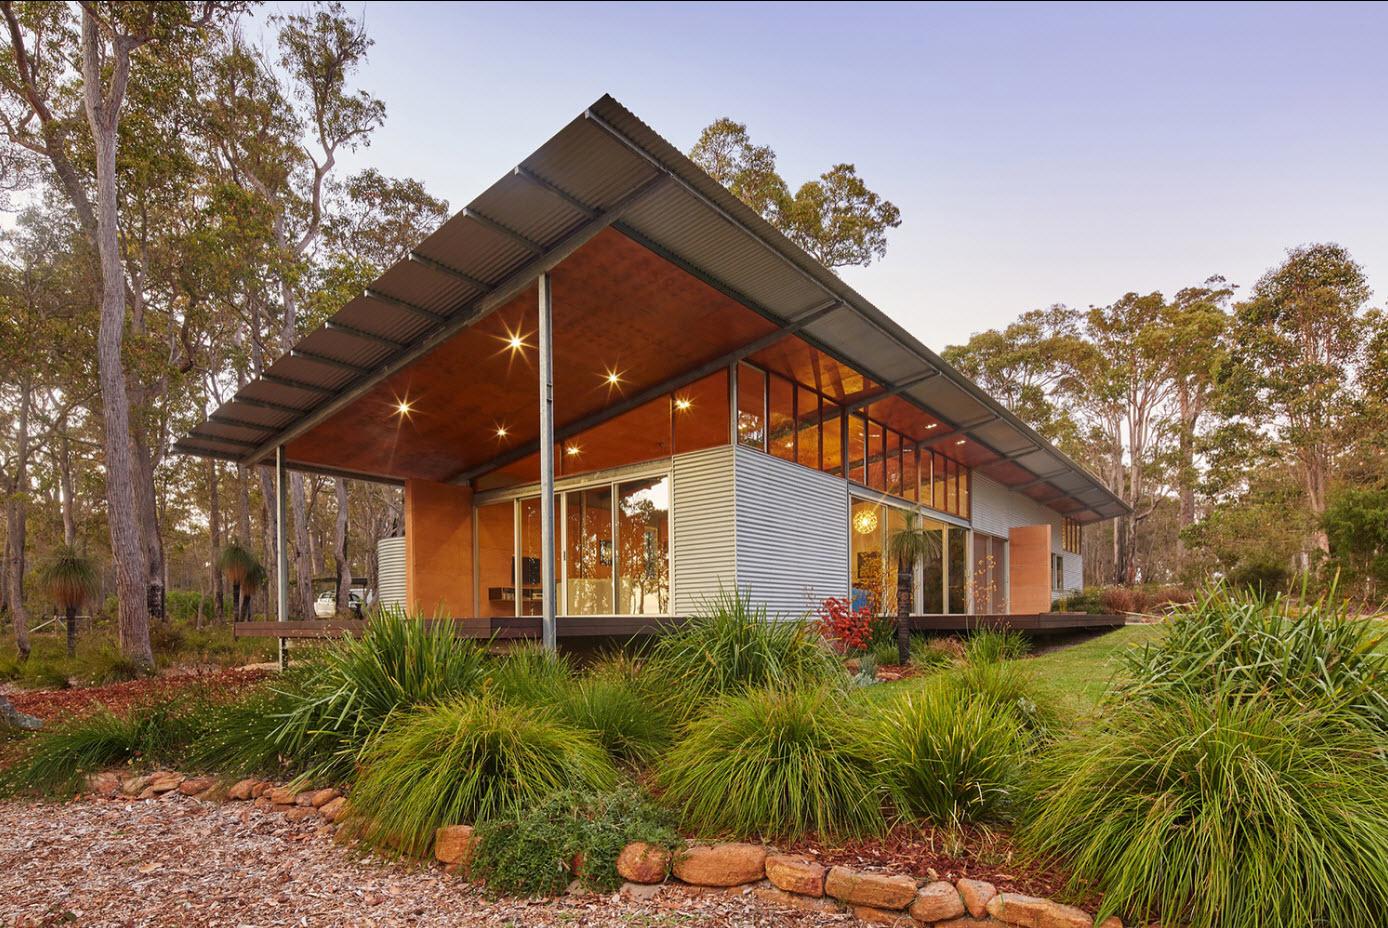 Diseño De Casa Rural Ecológica Preparada Para Abastecerse Con Los Elementos De La Naturaleza Construye Hogar